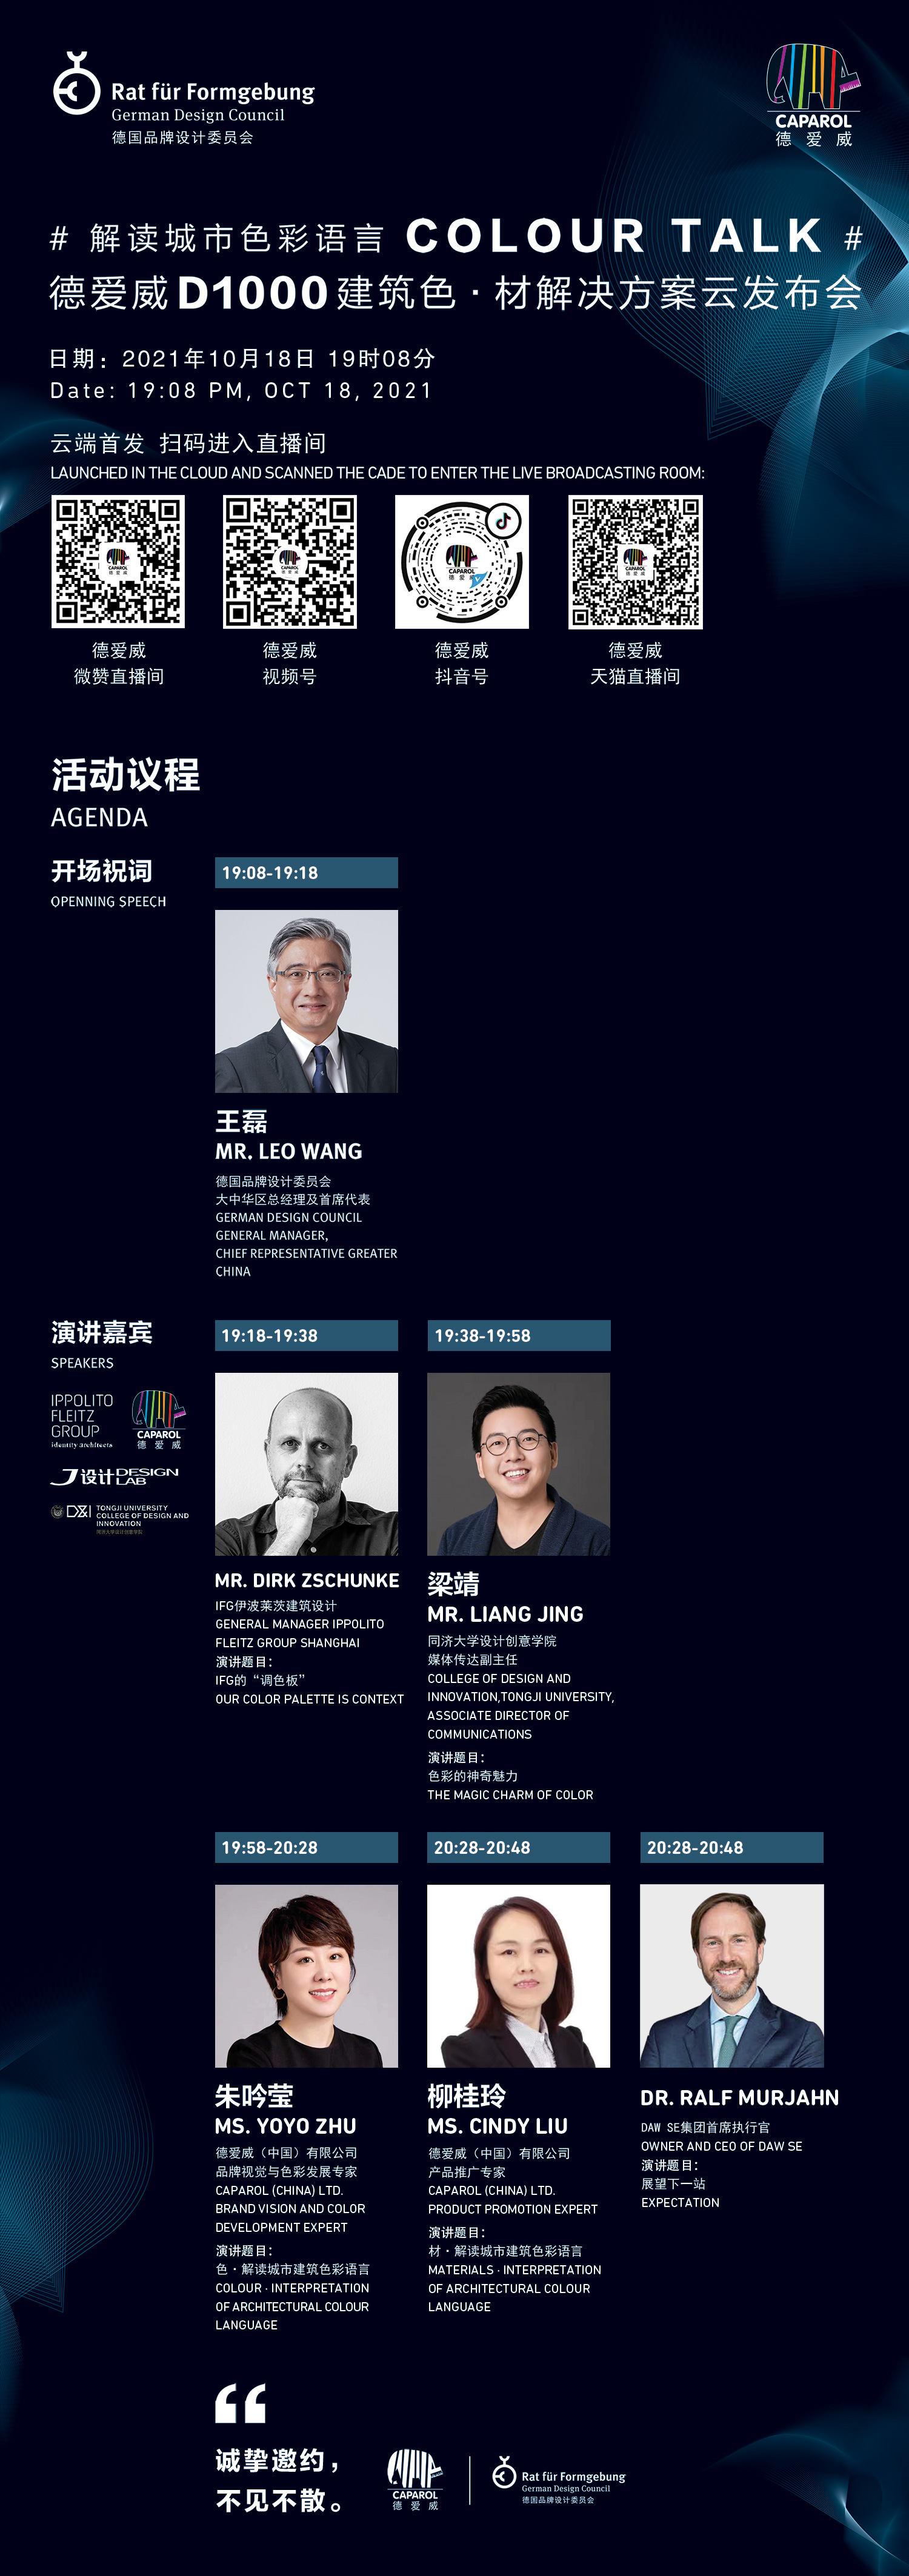 发布会议程20211011_副本.jpg